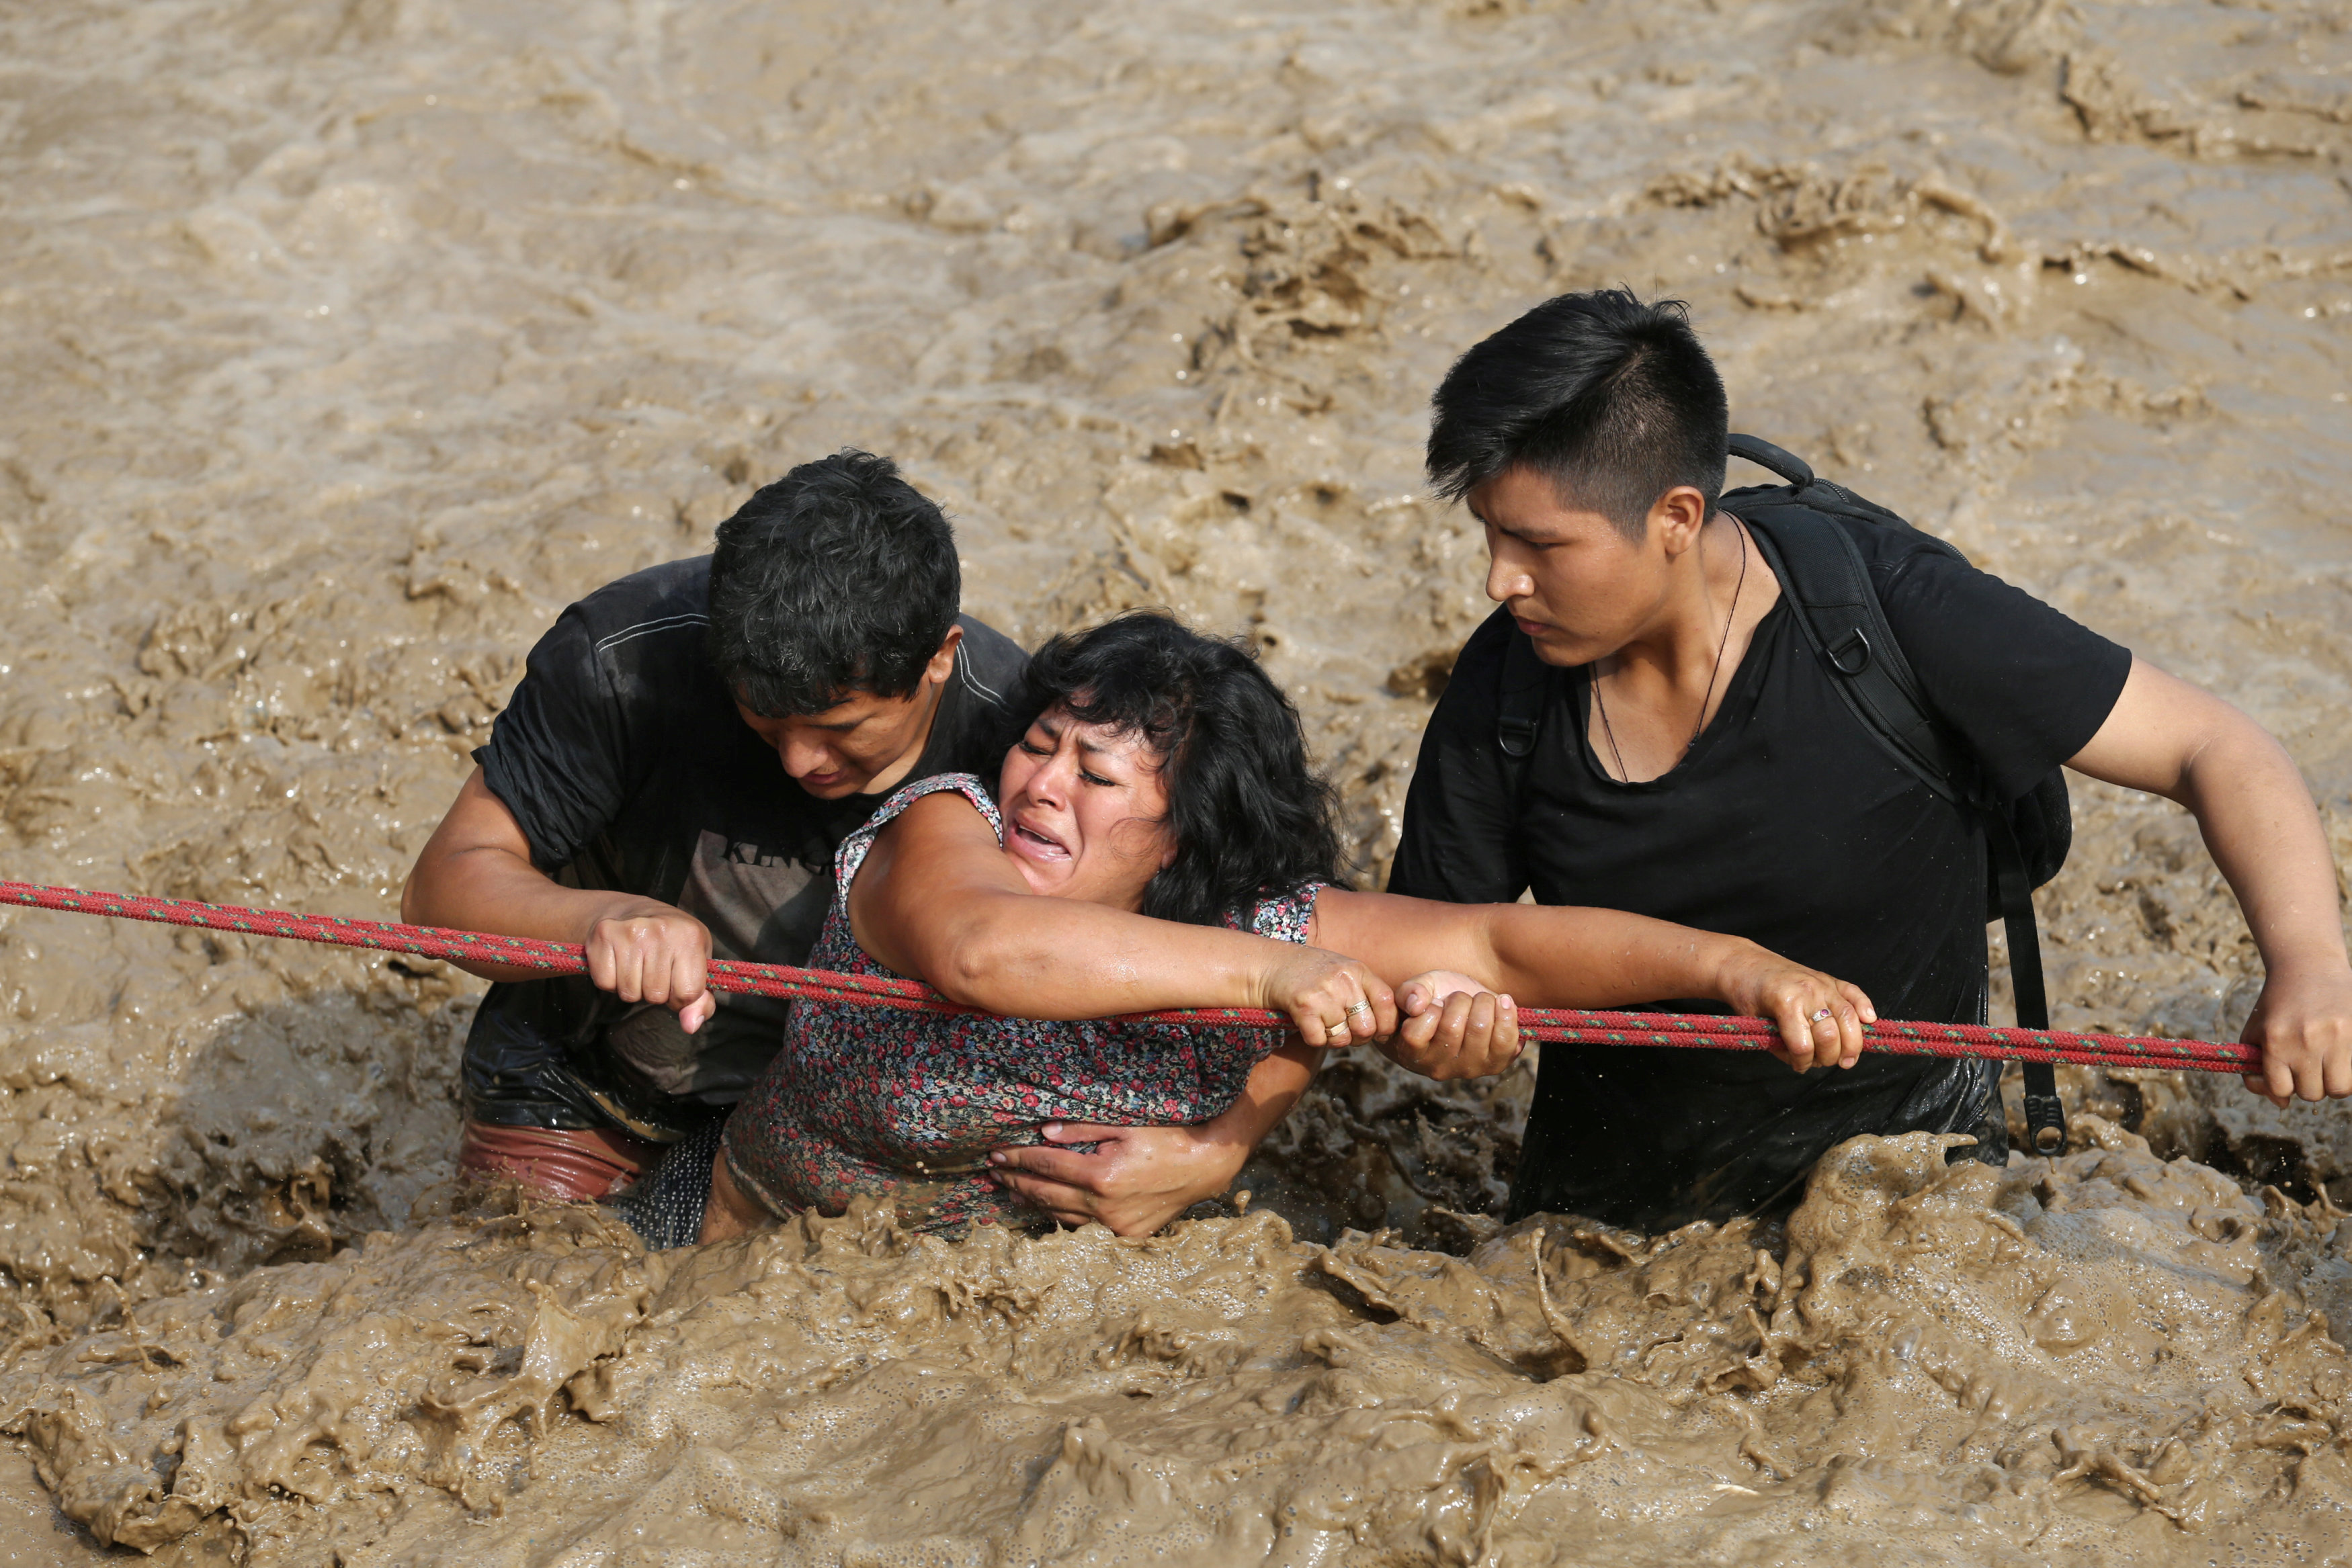 شاب يحاول إنقاذ سيدة